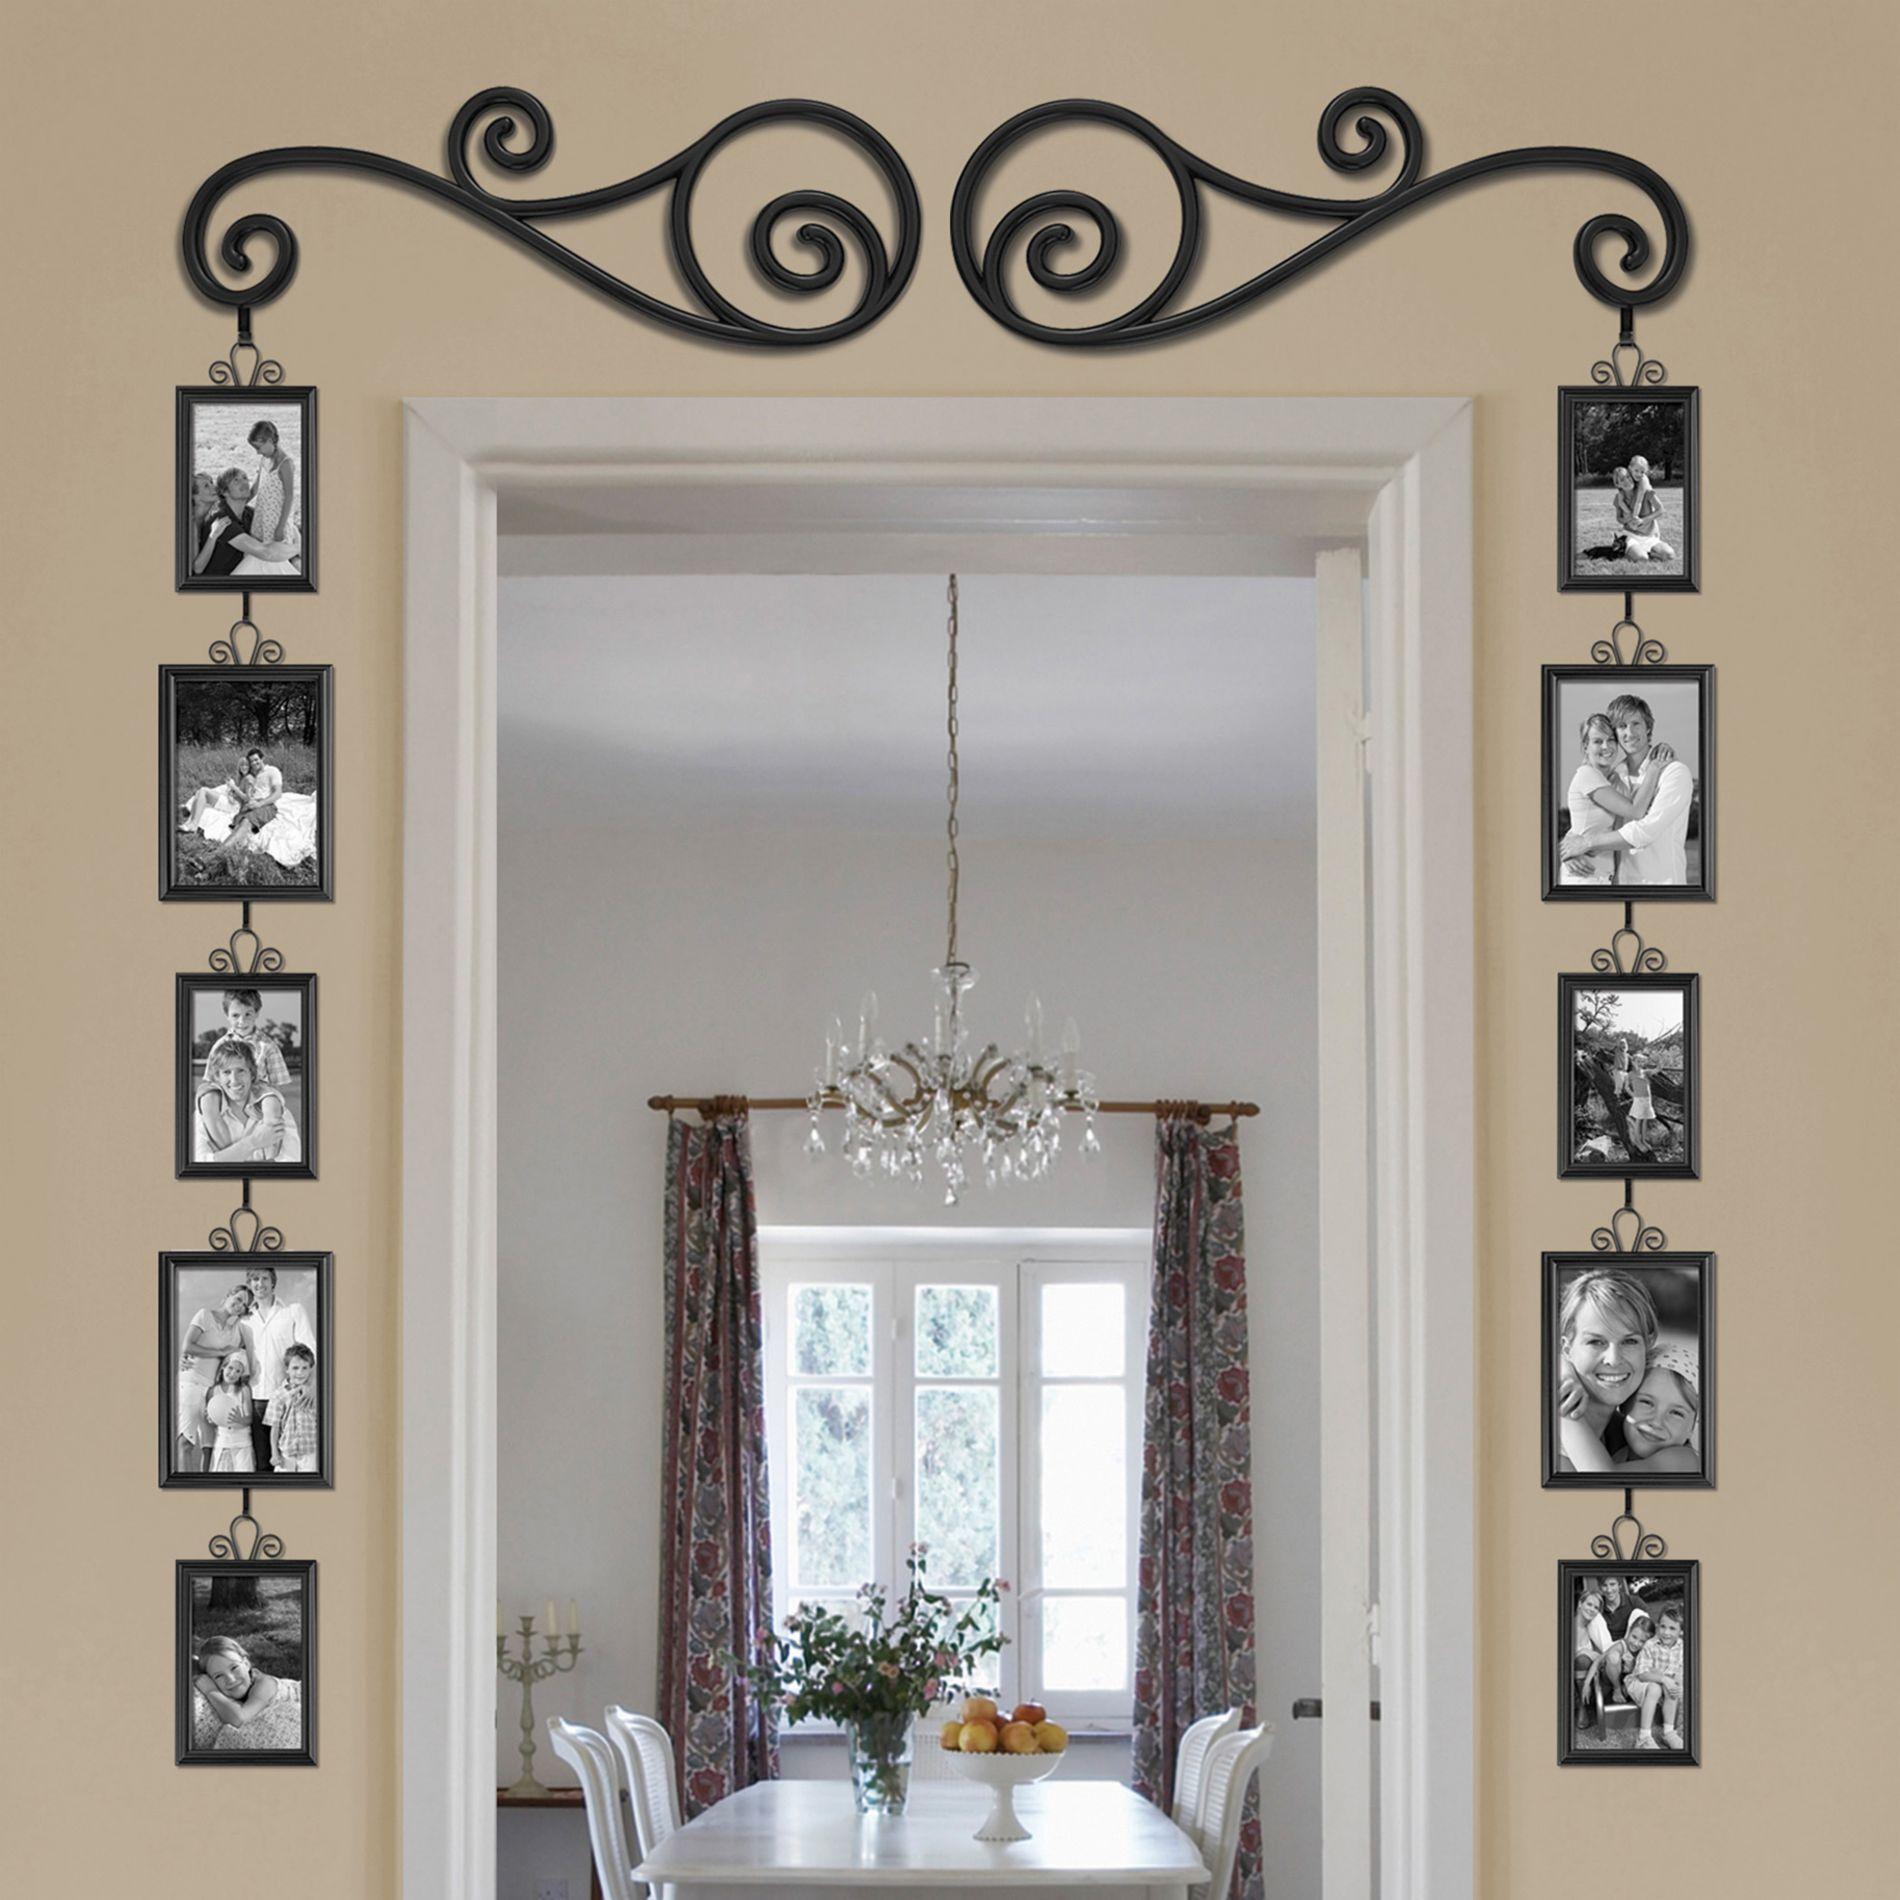 decorare-casa-con-foto1